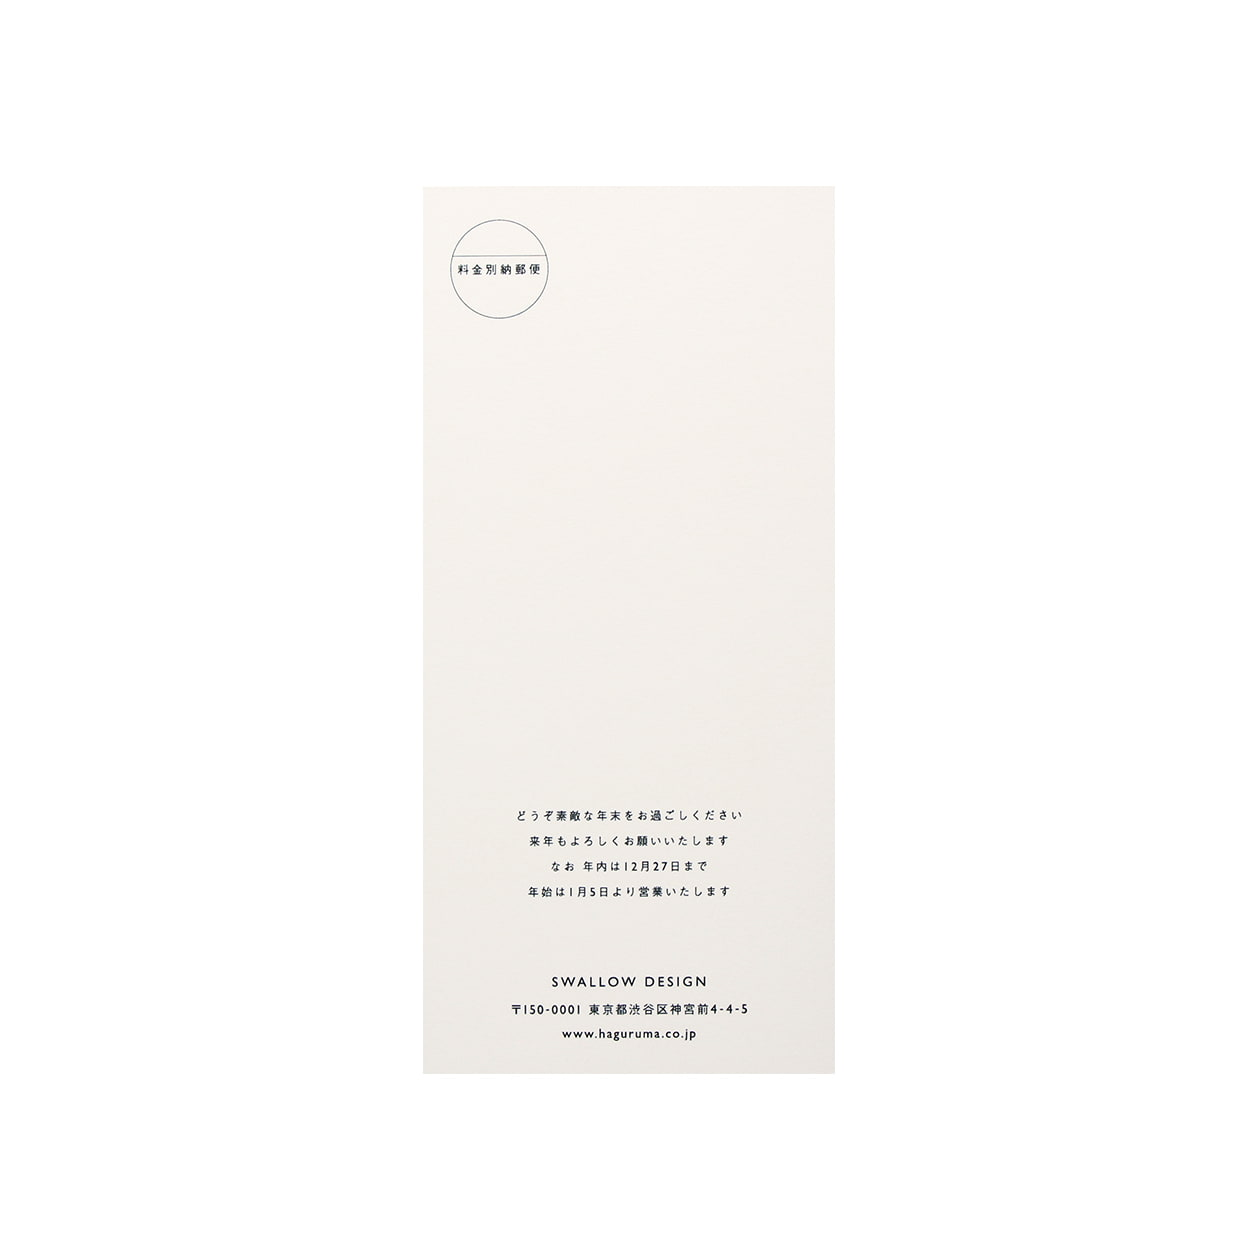 サンプル カード・シート 00377